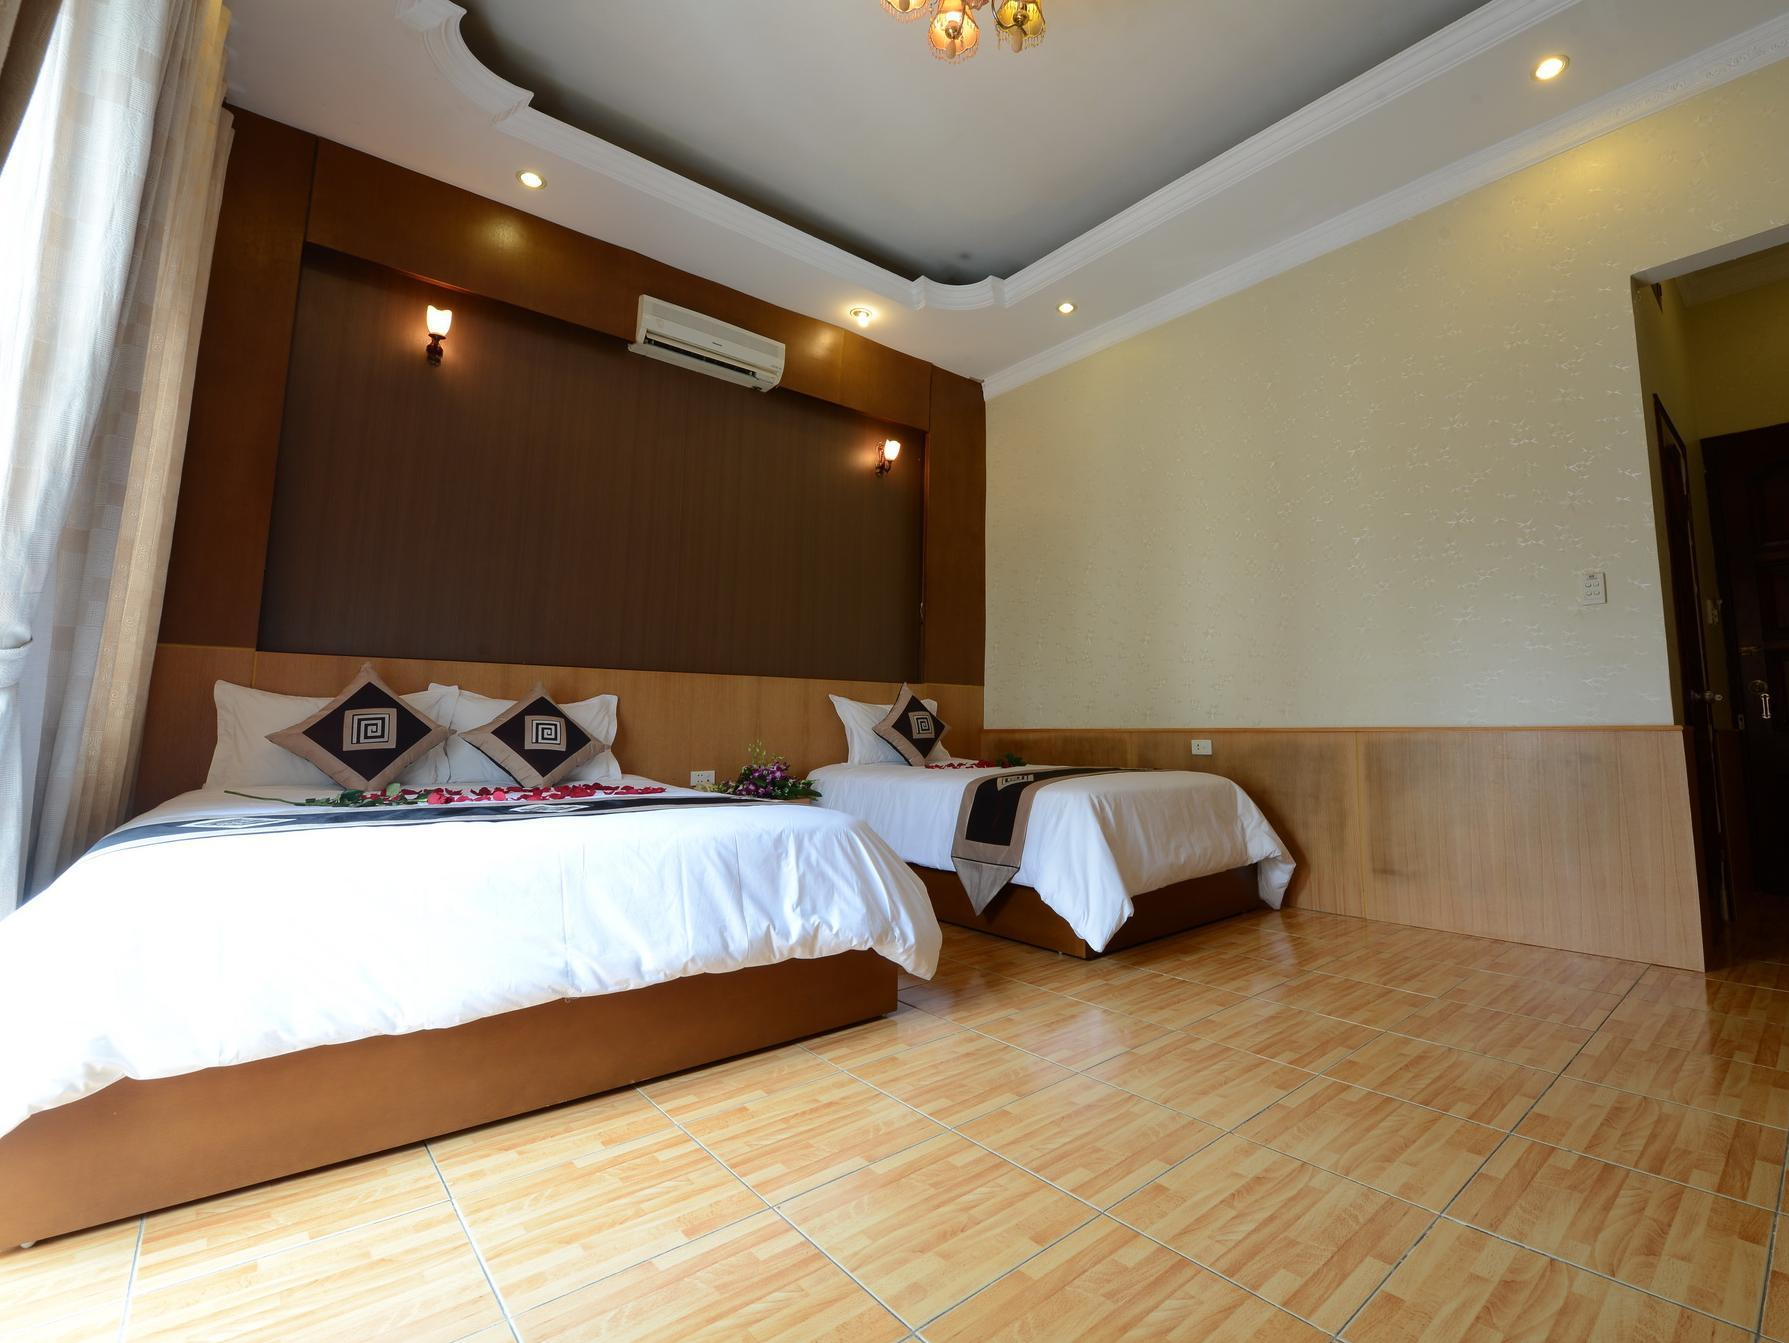 โรงแรม ฮานอย สปอร์ท - 42 มา เมย์